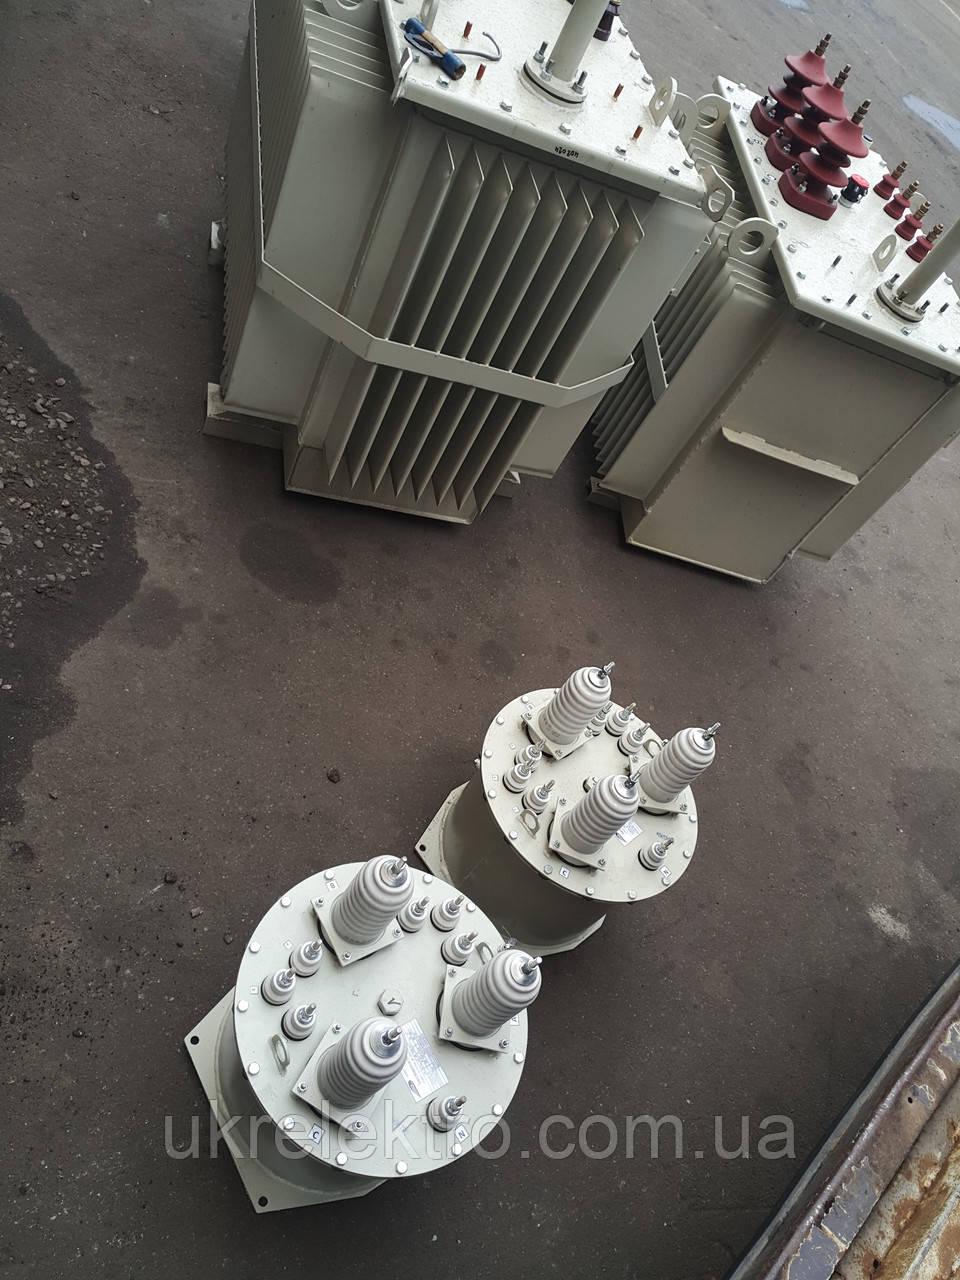 Трансформатор напряжения НАМИ-6 поверка, гарантия, производство Украина